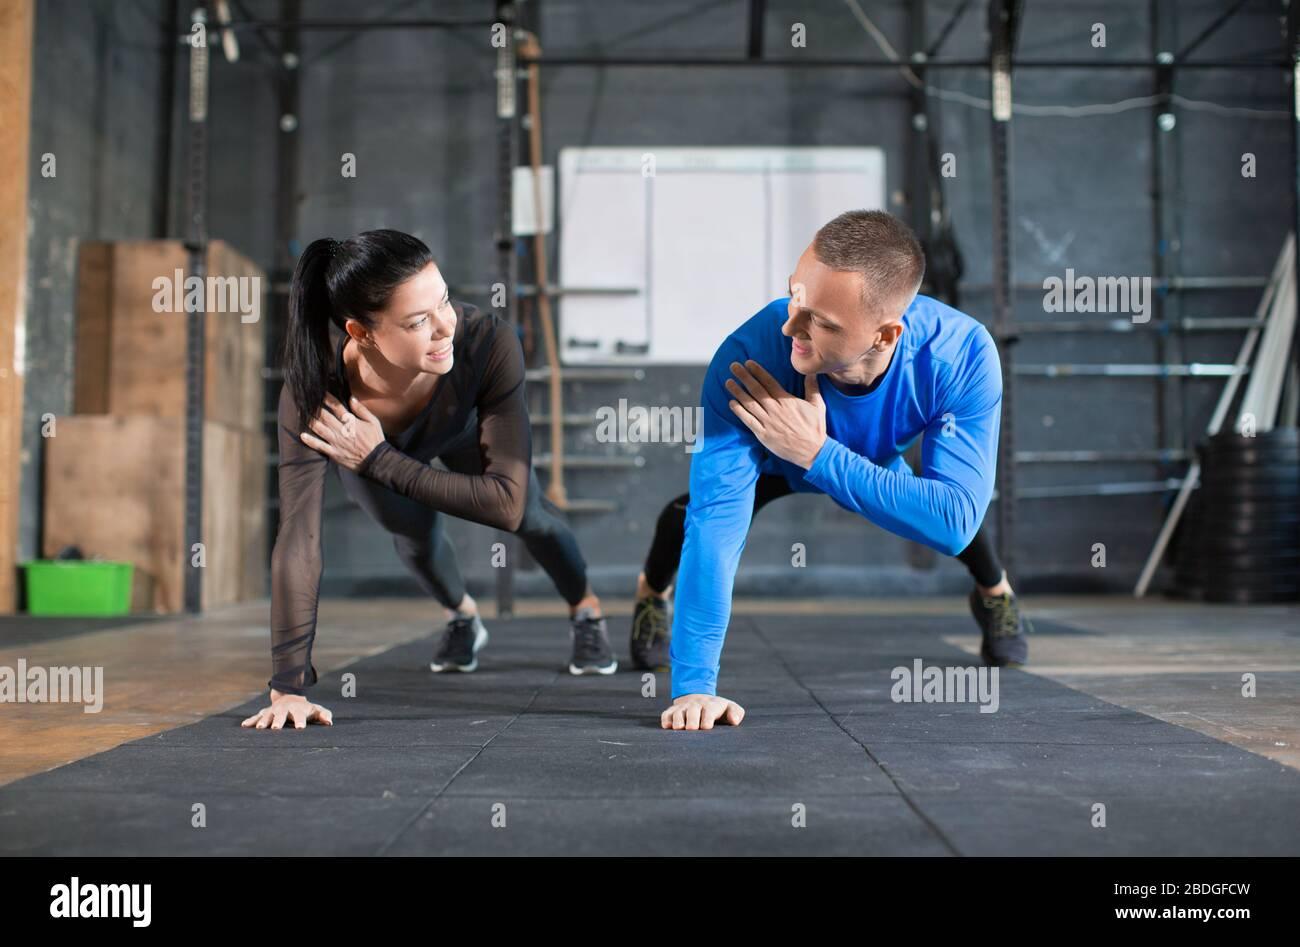 Des poussettes hommes et femmes à l'entraînement dans la salle de gym. Concept de sport, de fitness et de mode de vie sain. Banque D'Images